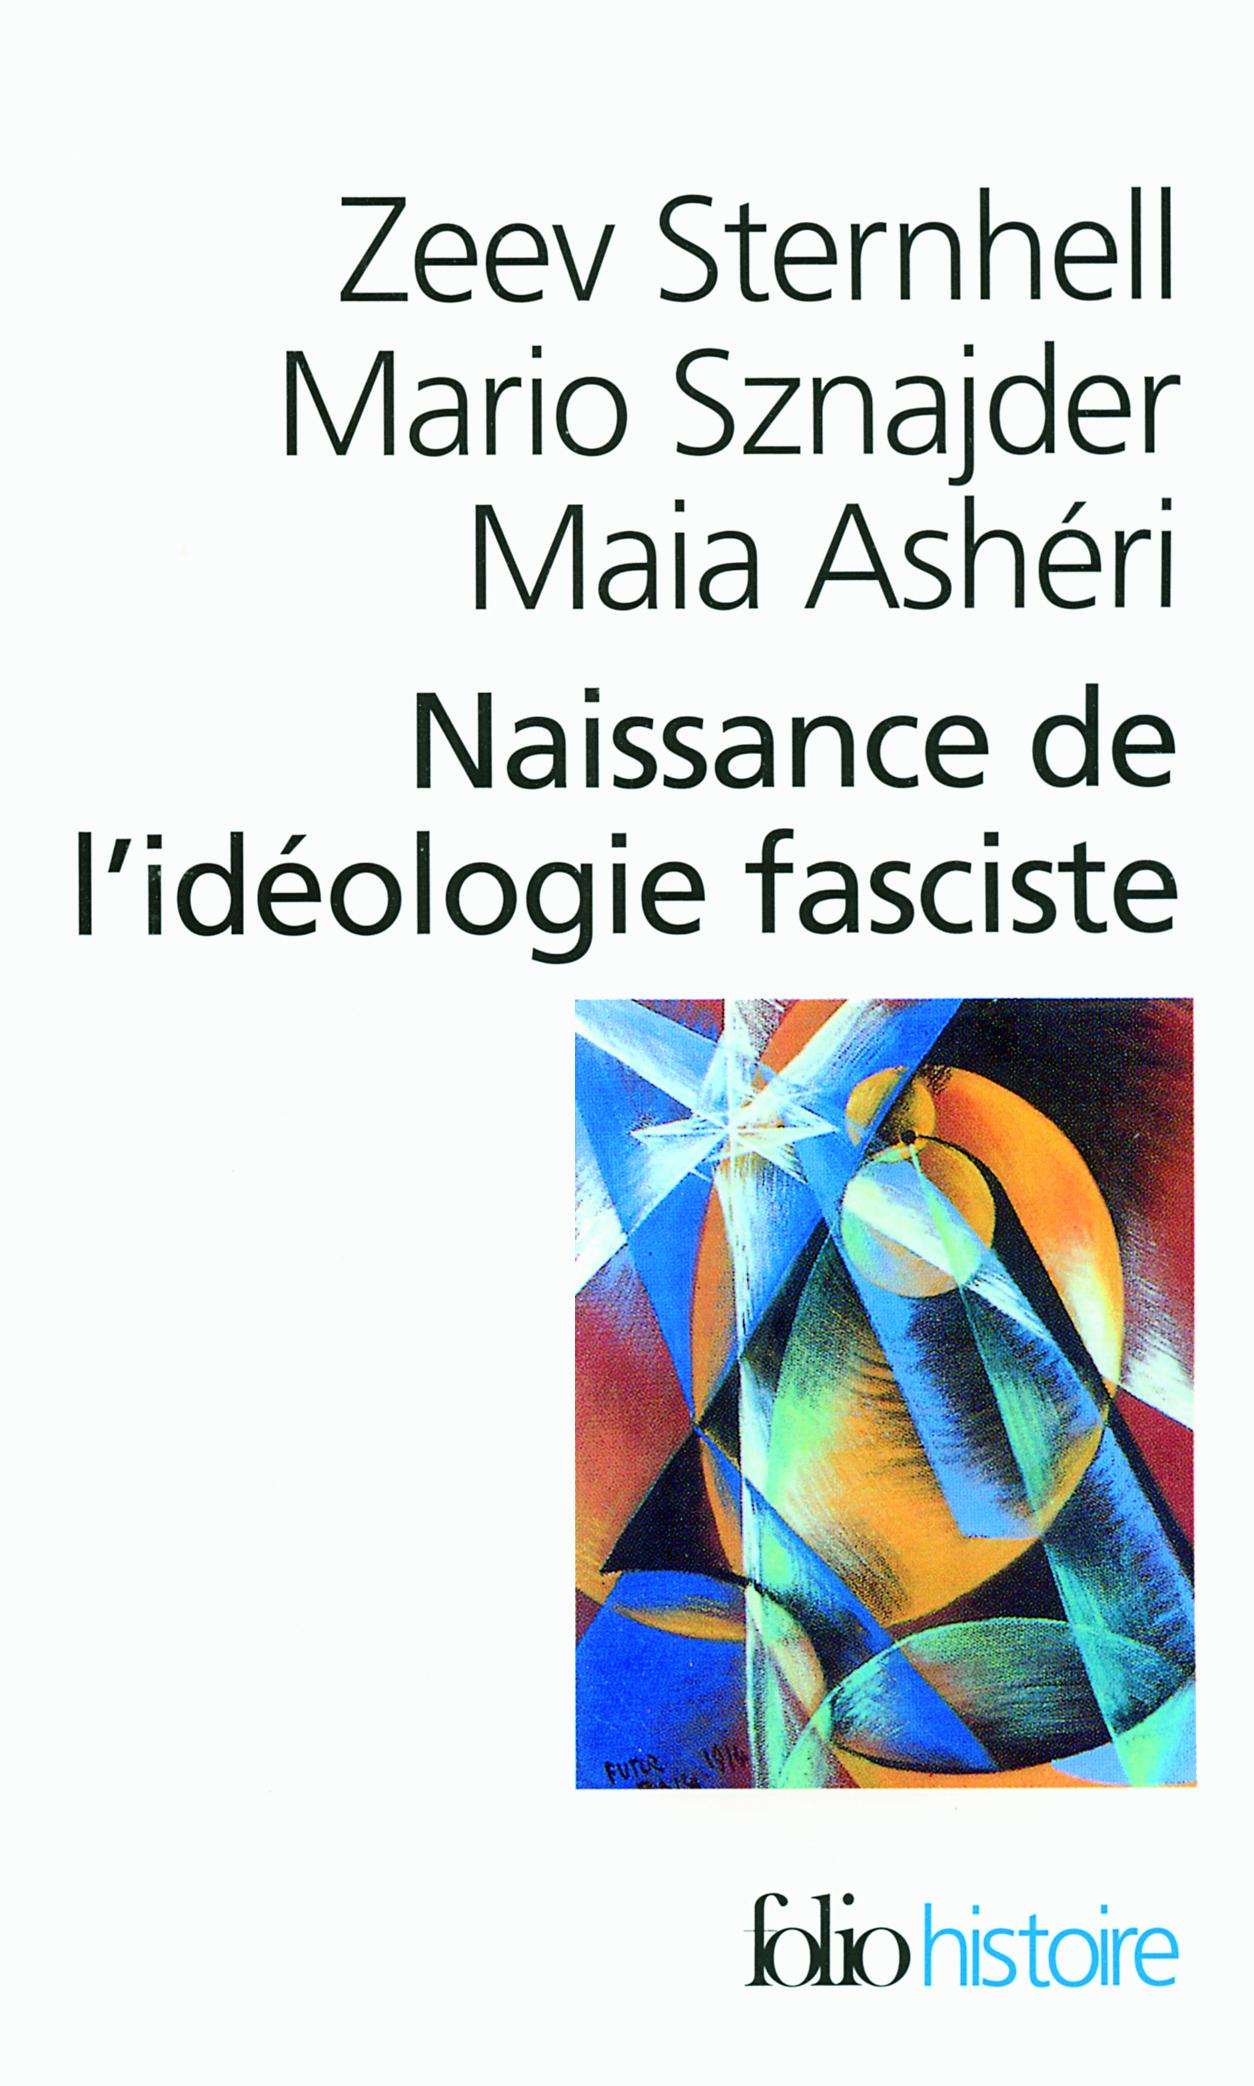 NAISSANCE DE L'IDEOLOGIE FASCISTE